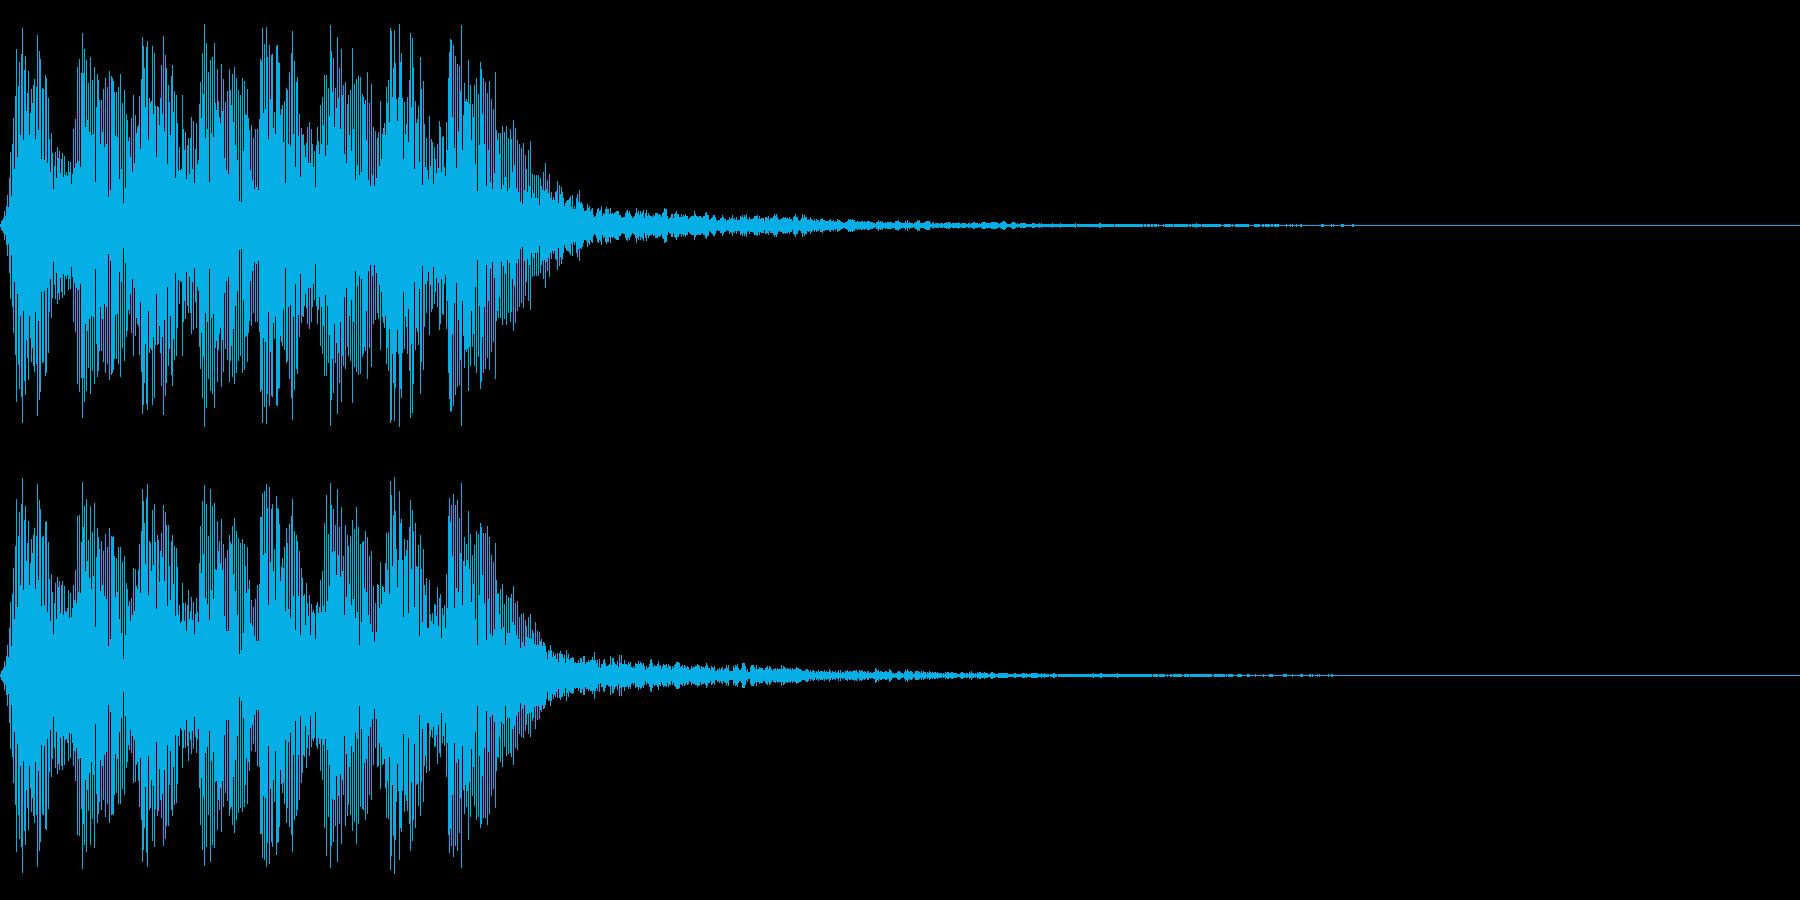 レトロなミス音 ゲームオーバー アラートの再生済みの波形